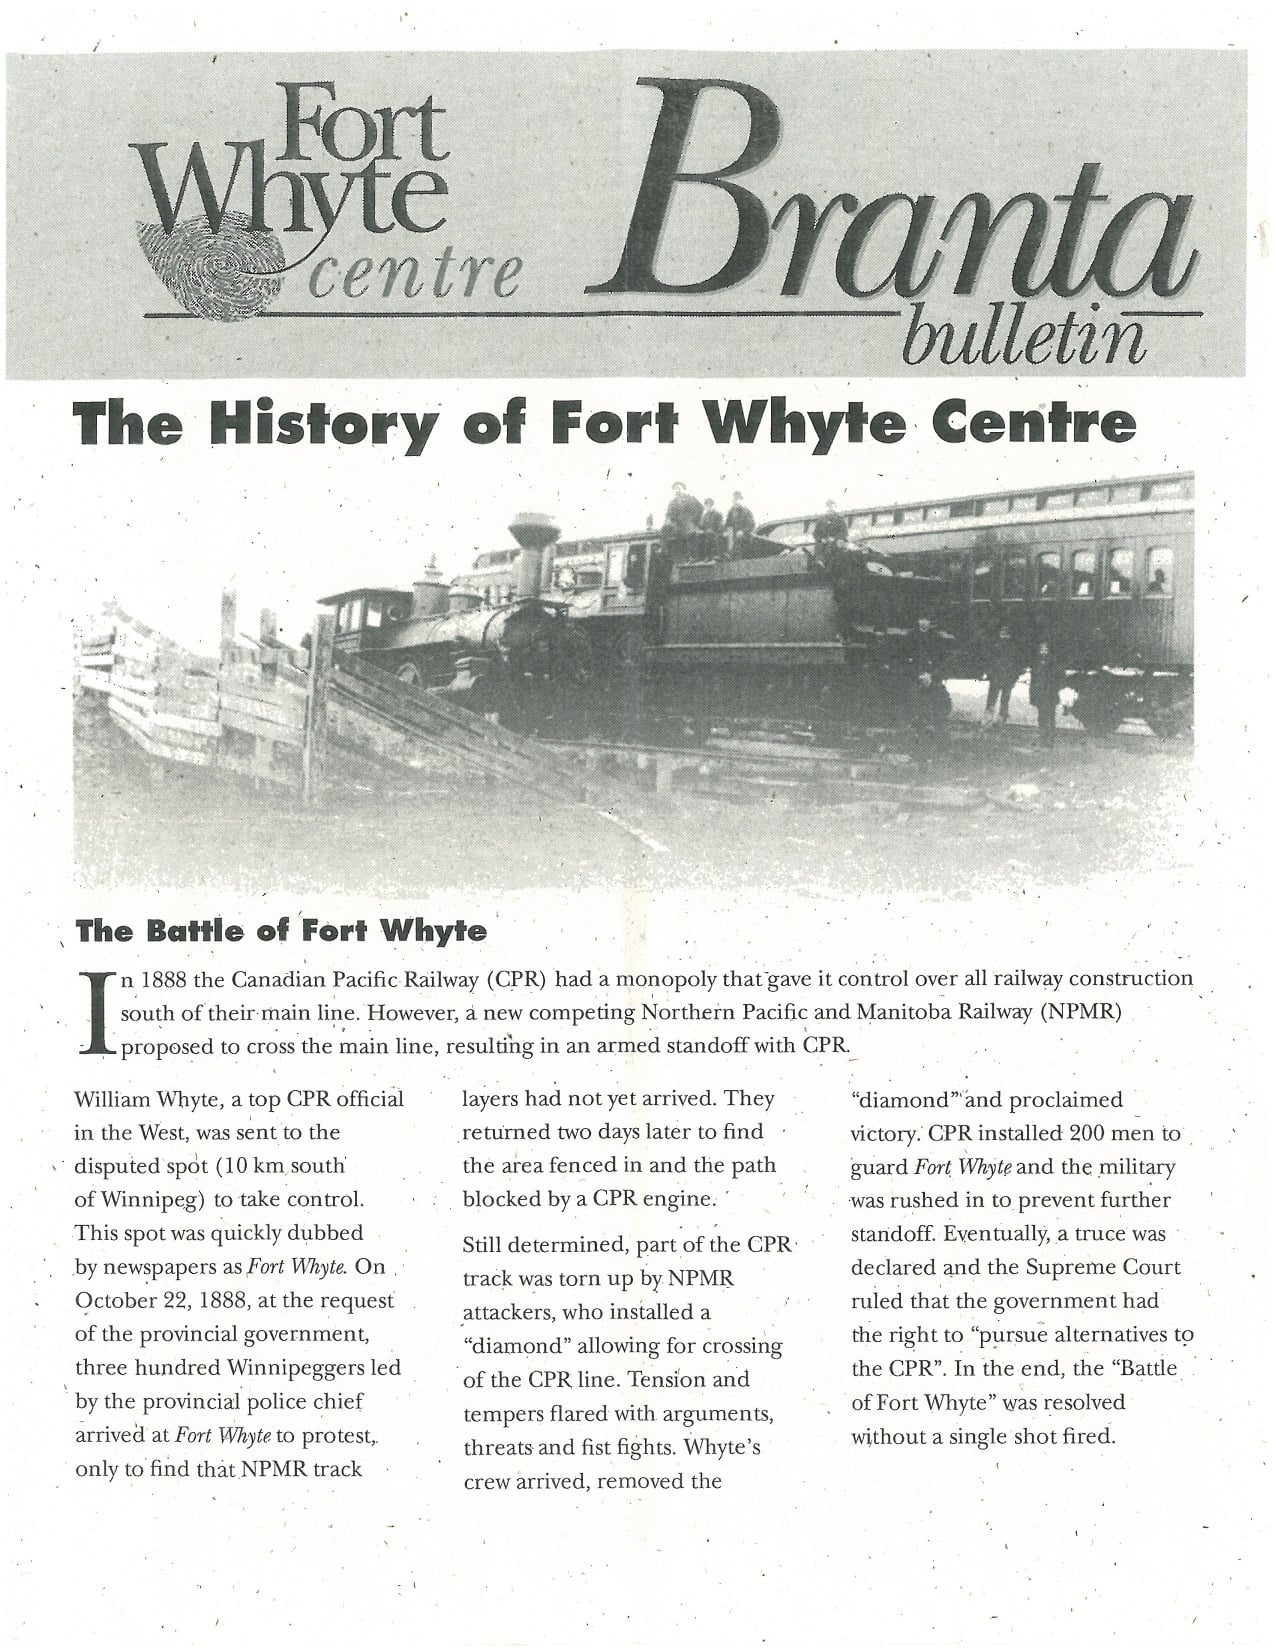 History of FW Branta